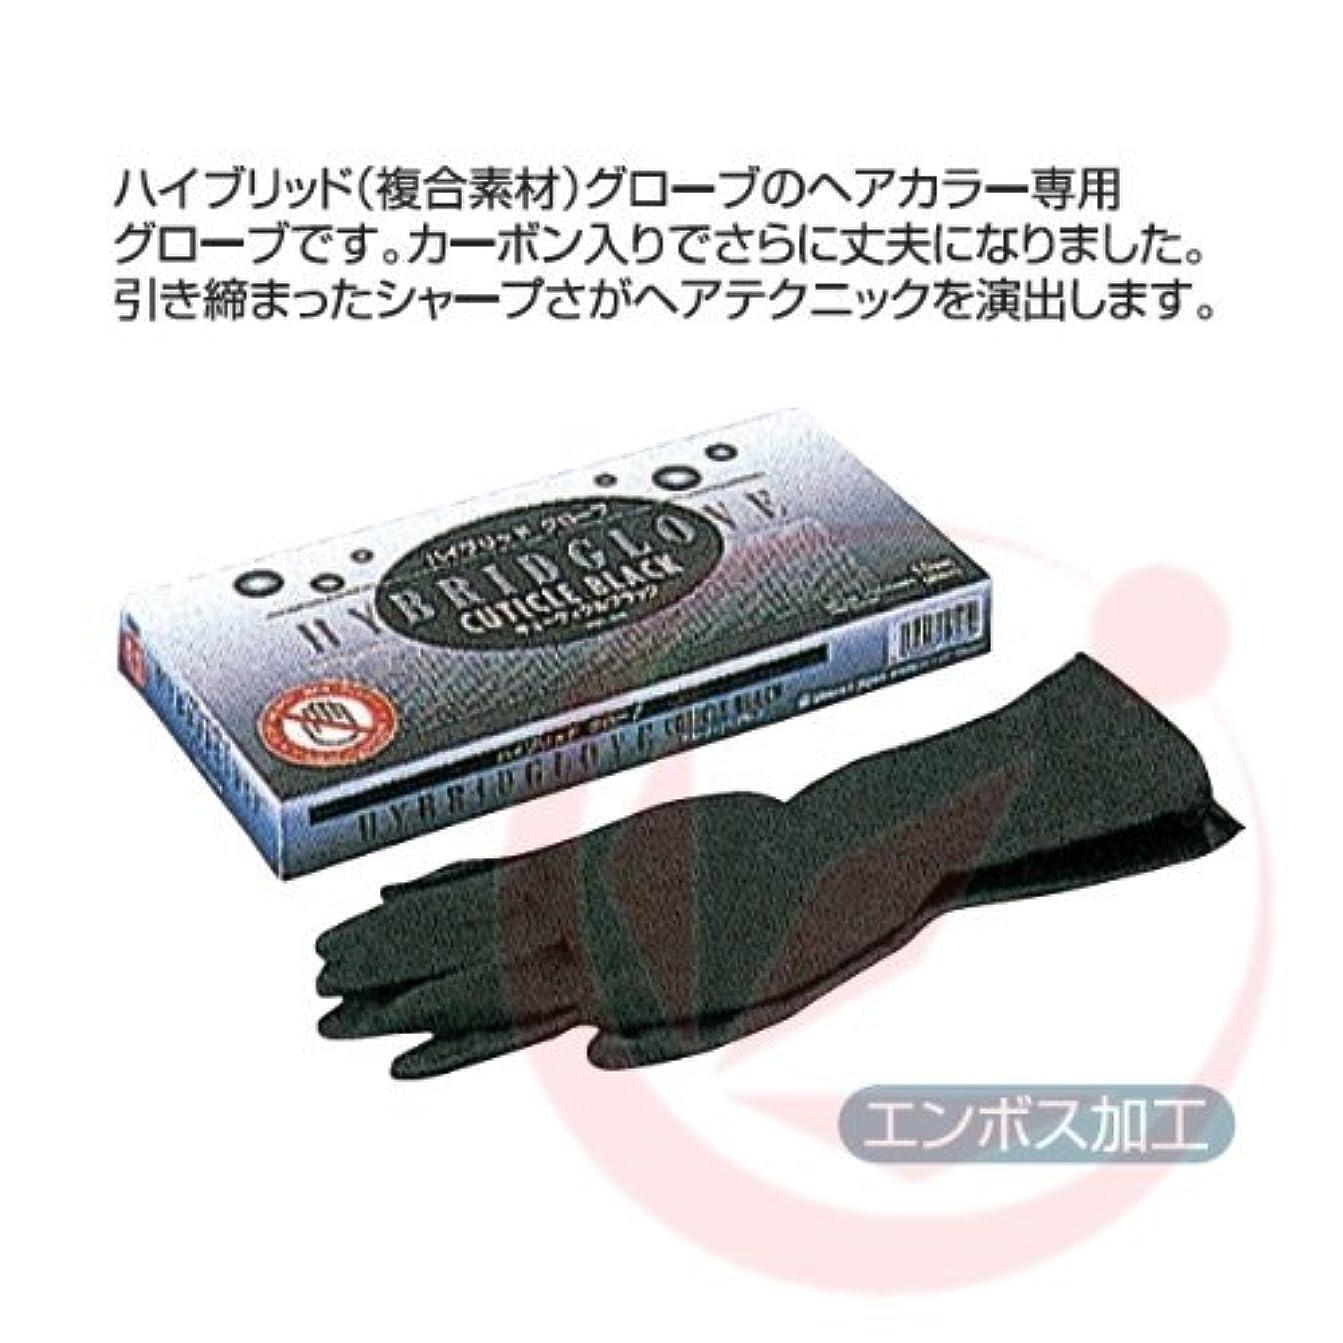 辞書好意ロールハイブリッドグローブ キューティクルグラック SS 10set(20枚入)